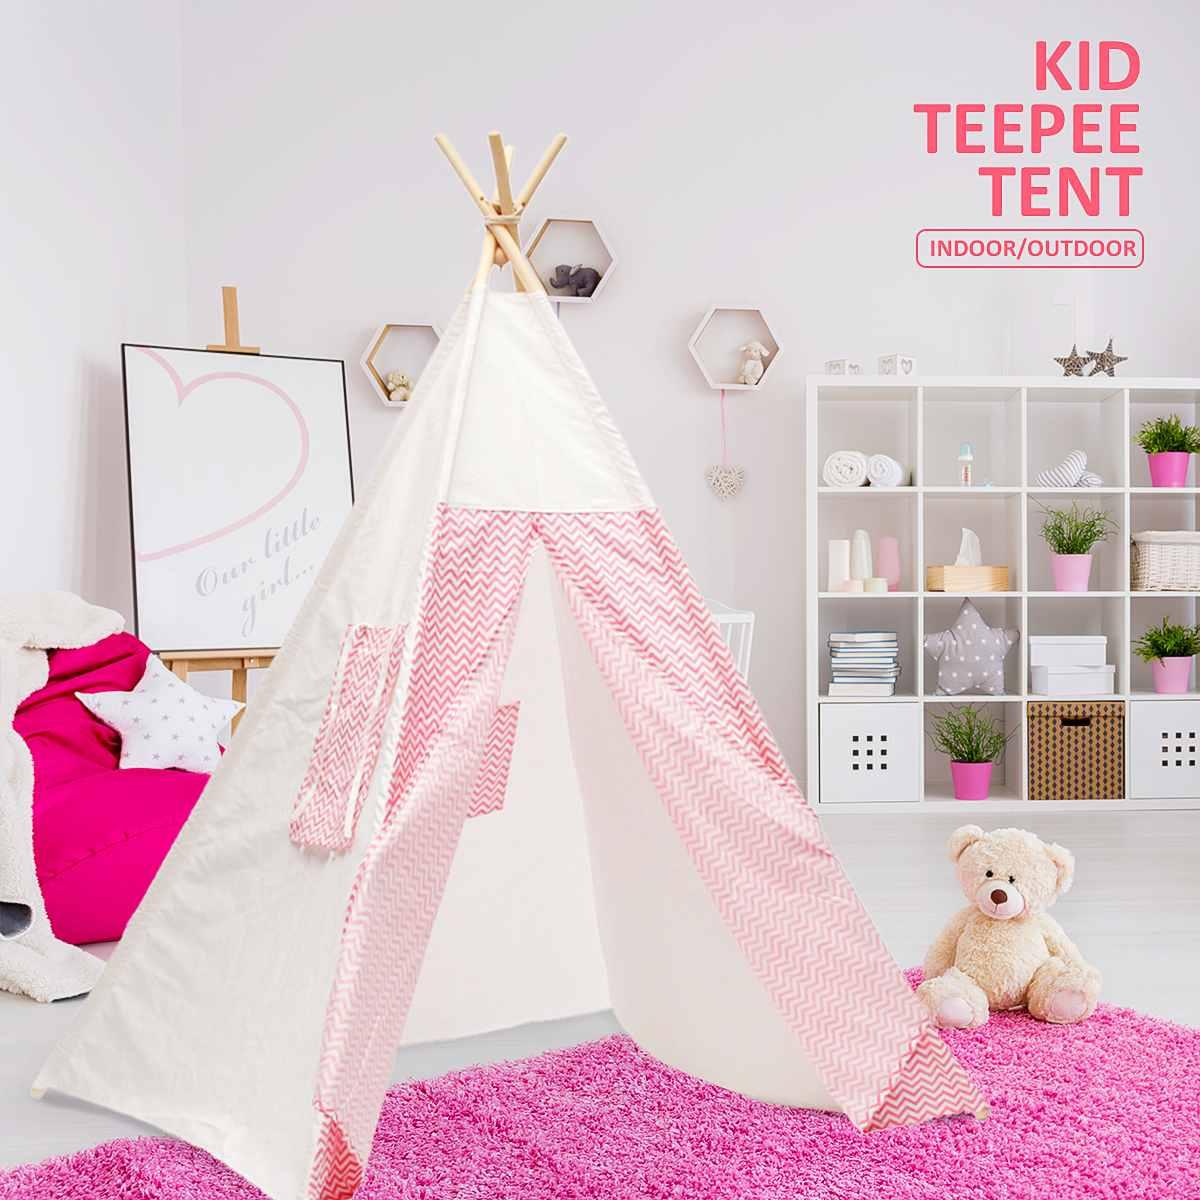 Enfants de Tente pour enfants Tipi Tente Princesse Château pour la chambre des Enfants D'anniversaire De Noël Cadeau Playhouse pour En Plein Air Intérieur